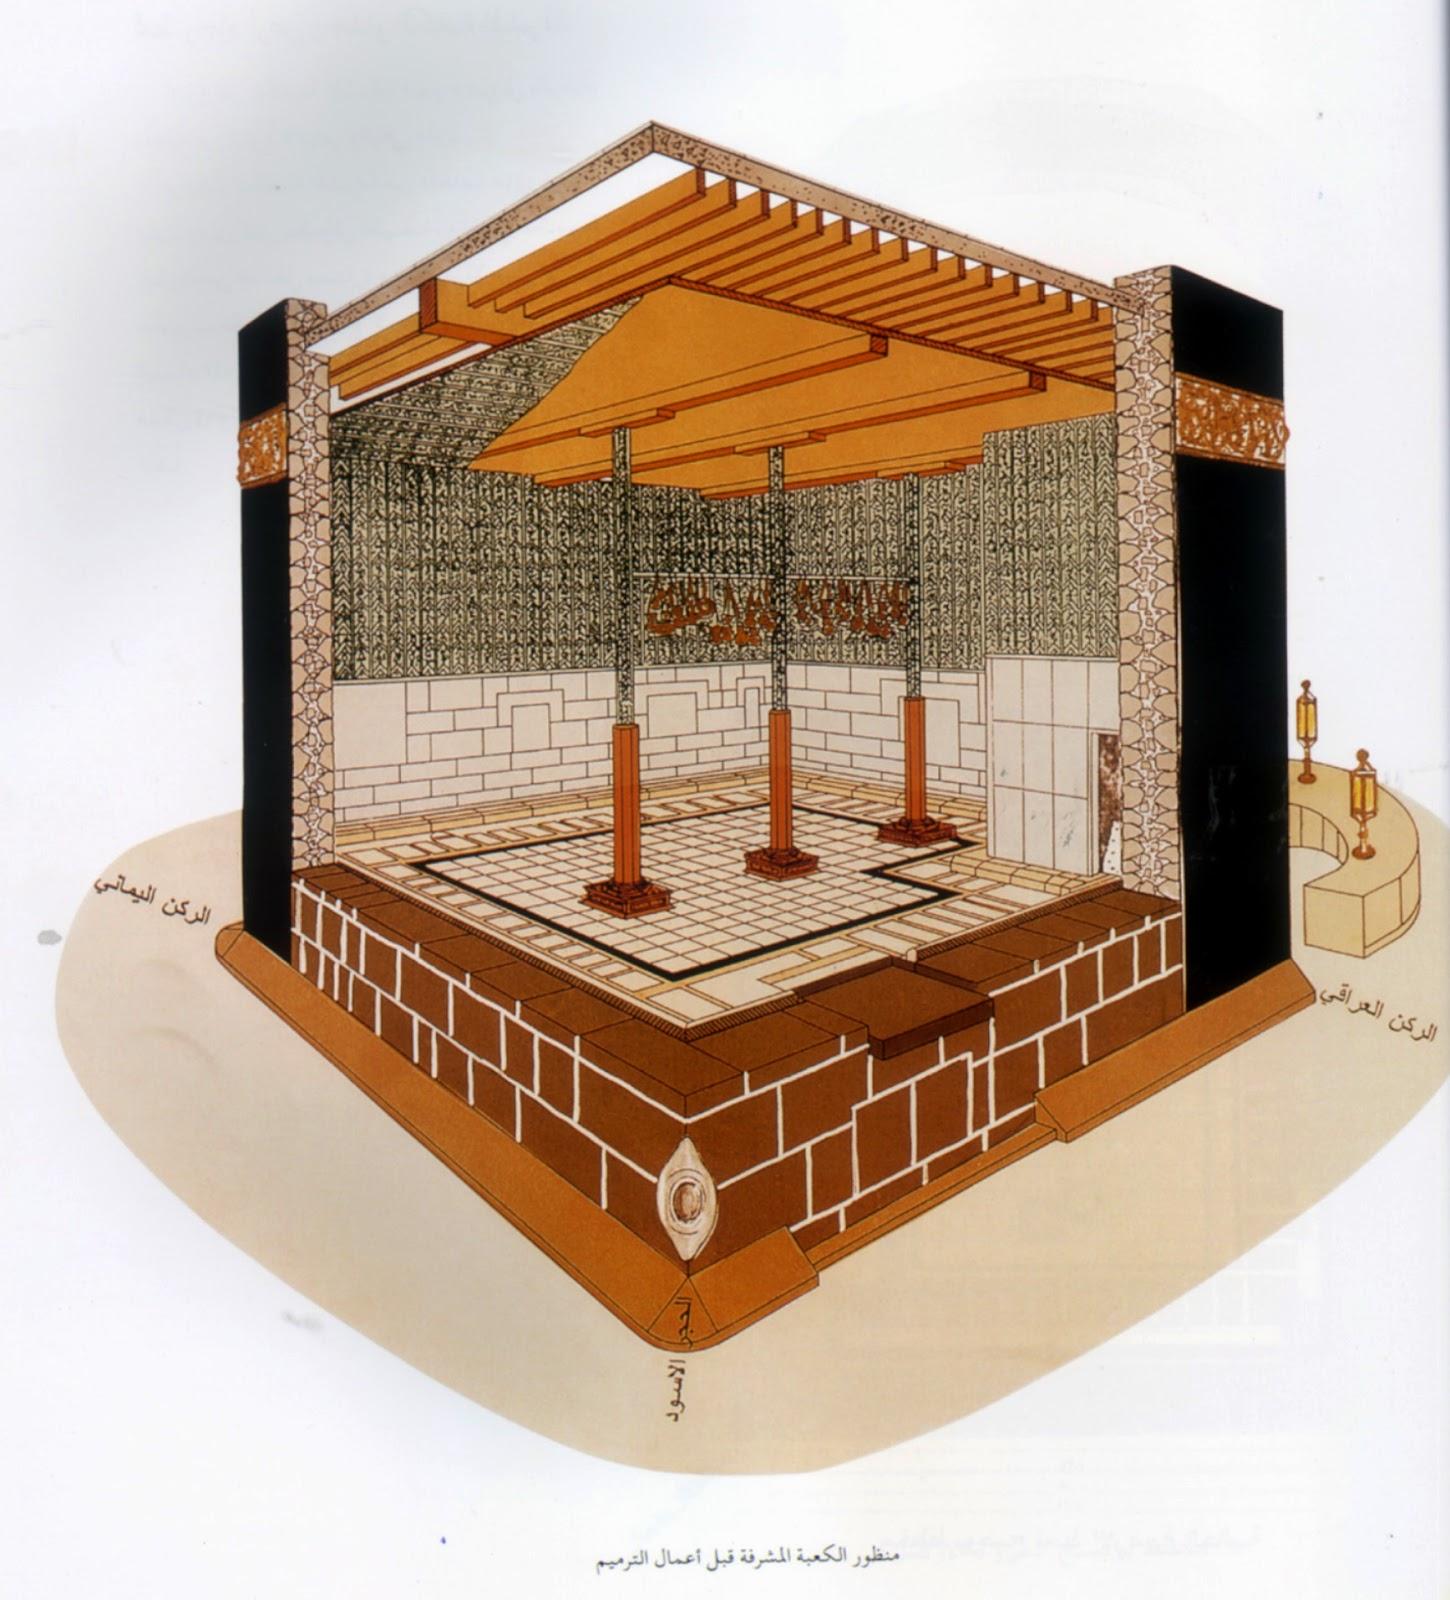 ����� ���� ������ �������.. ���� مخطط هندسي يوضح منظور للكعبة المشرفة من الداخل.JPG